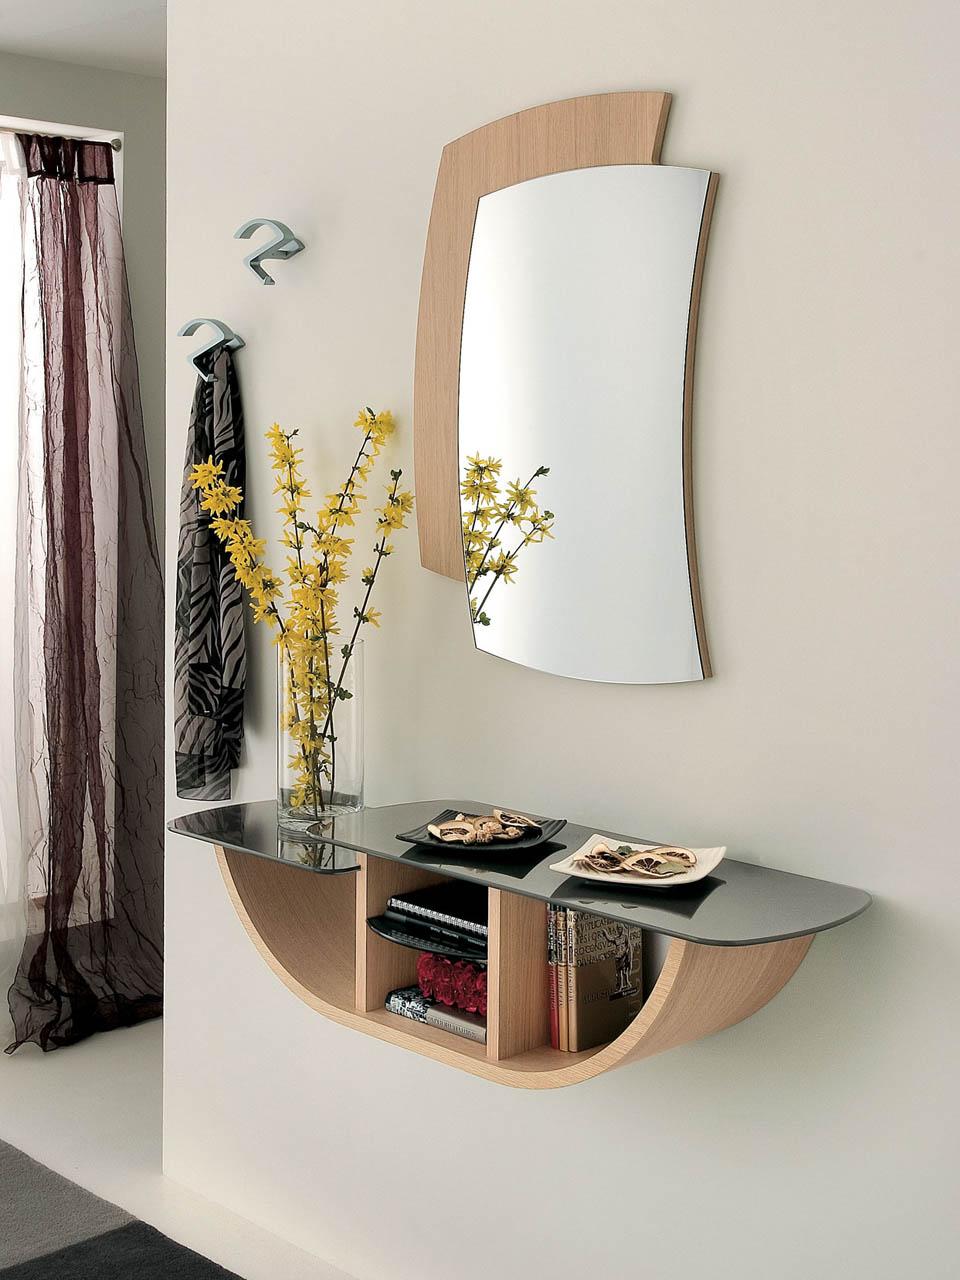 Ingresso Moderno con Specchio La Primavera Gondola (consolle B)